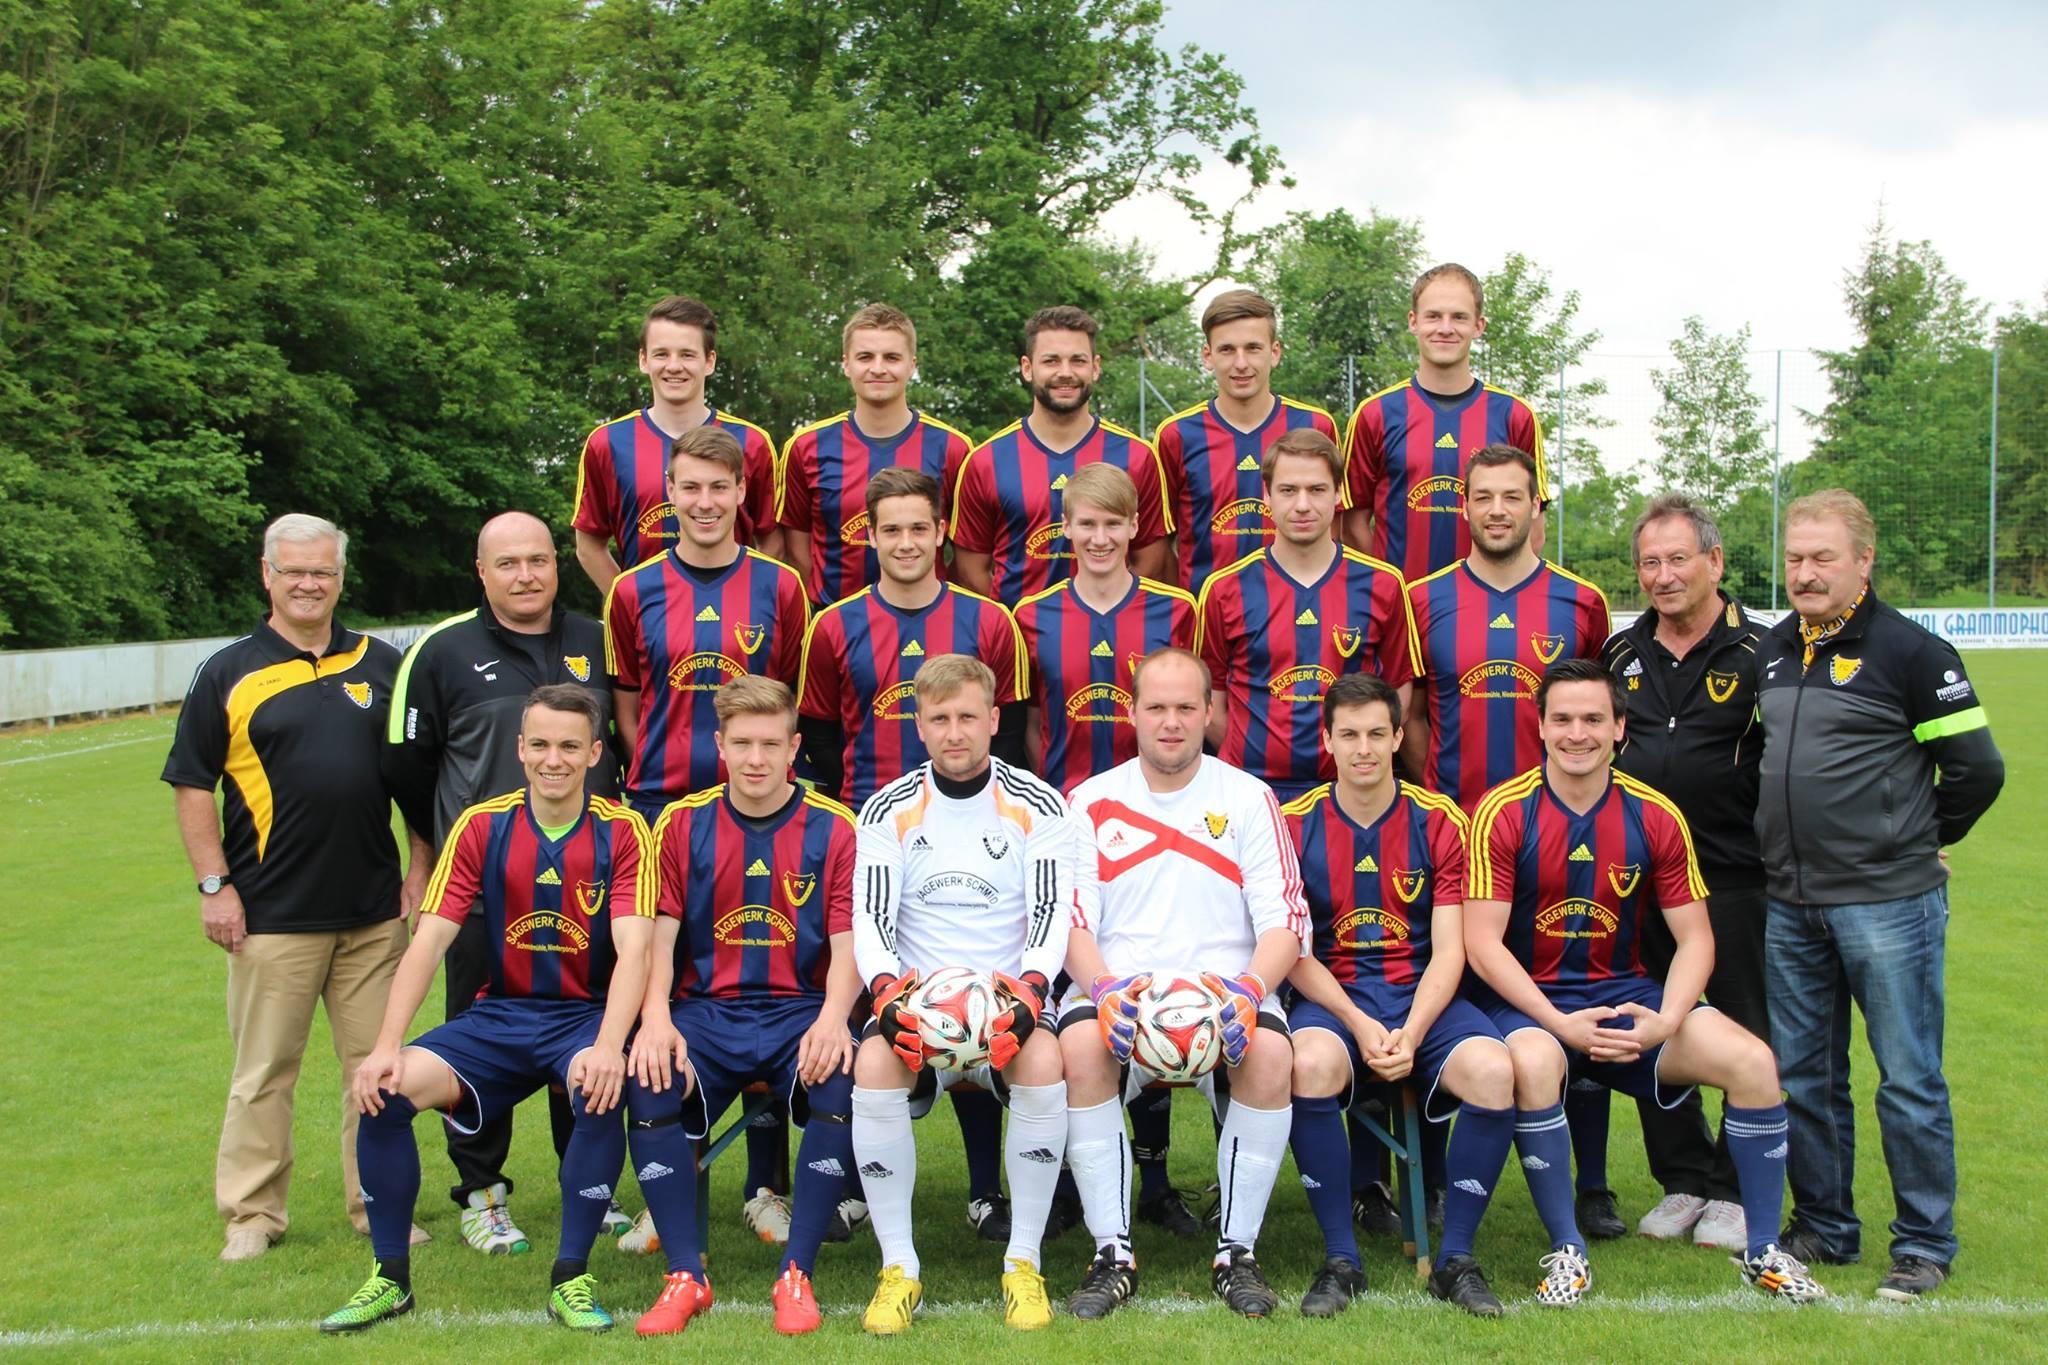 1. Mannschaft 2014